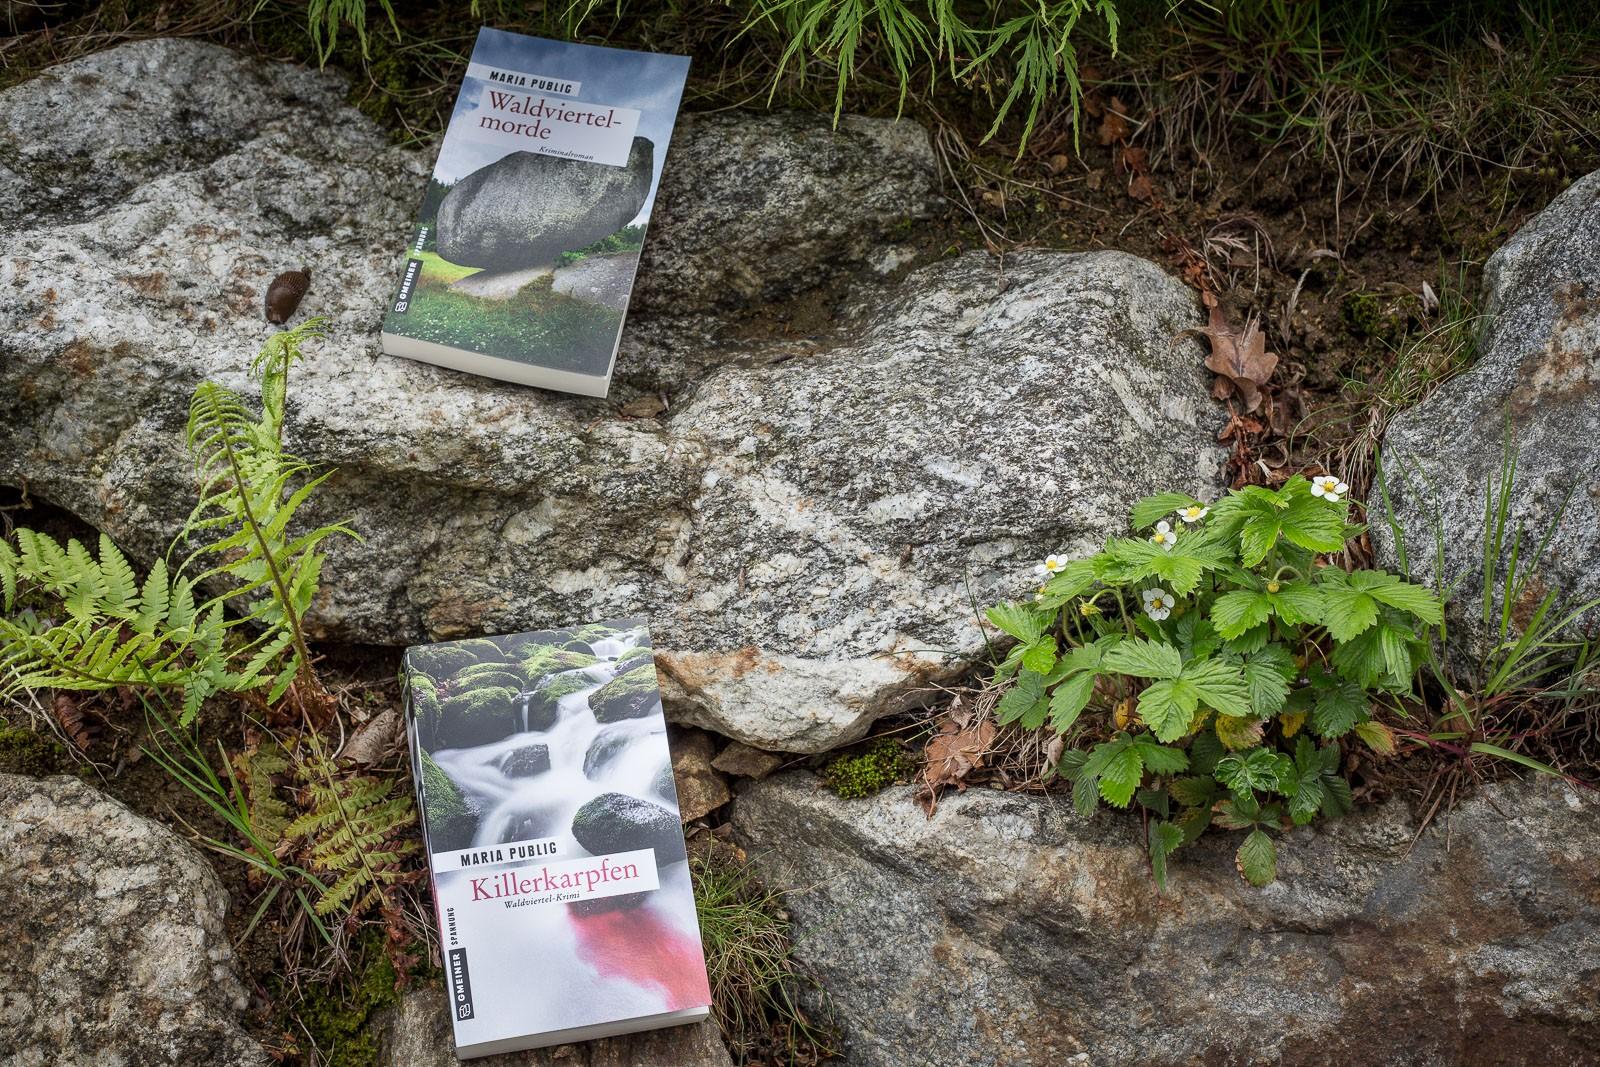 Killerkarpfen und Waldviertelmorde von Maria Publig